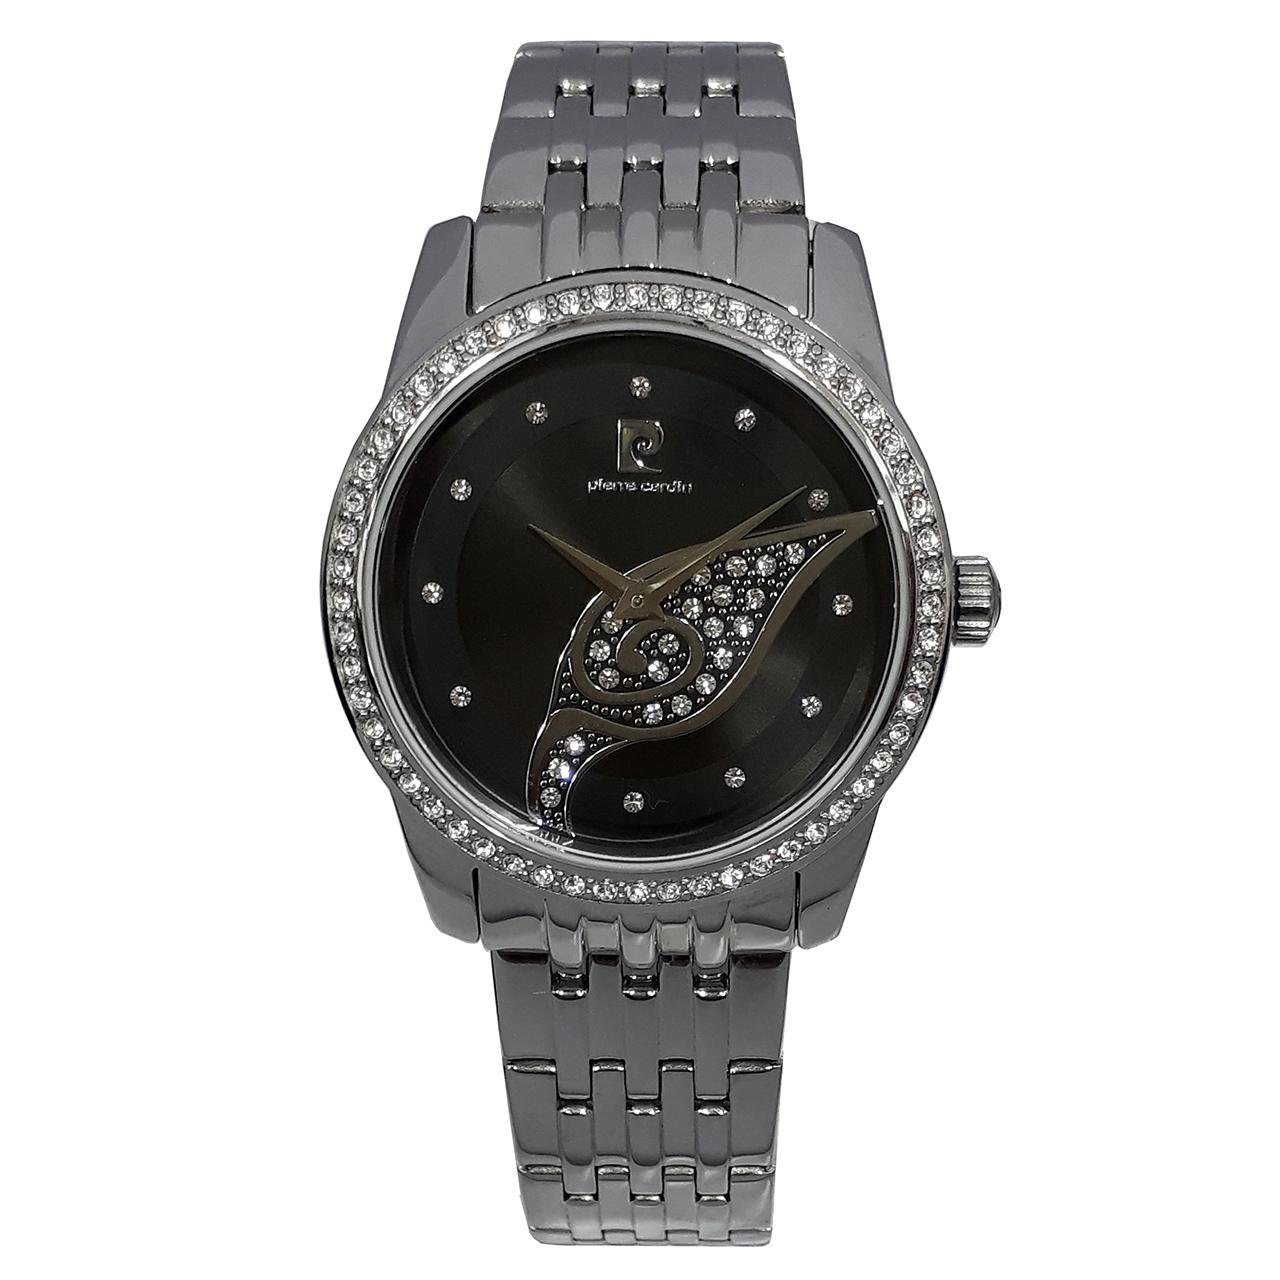 ساعت مچی عقربه ای زنانه پیر کاردین مدل PC106172F19